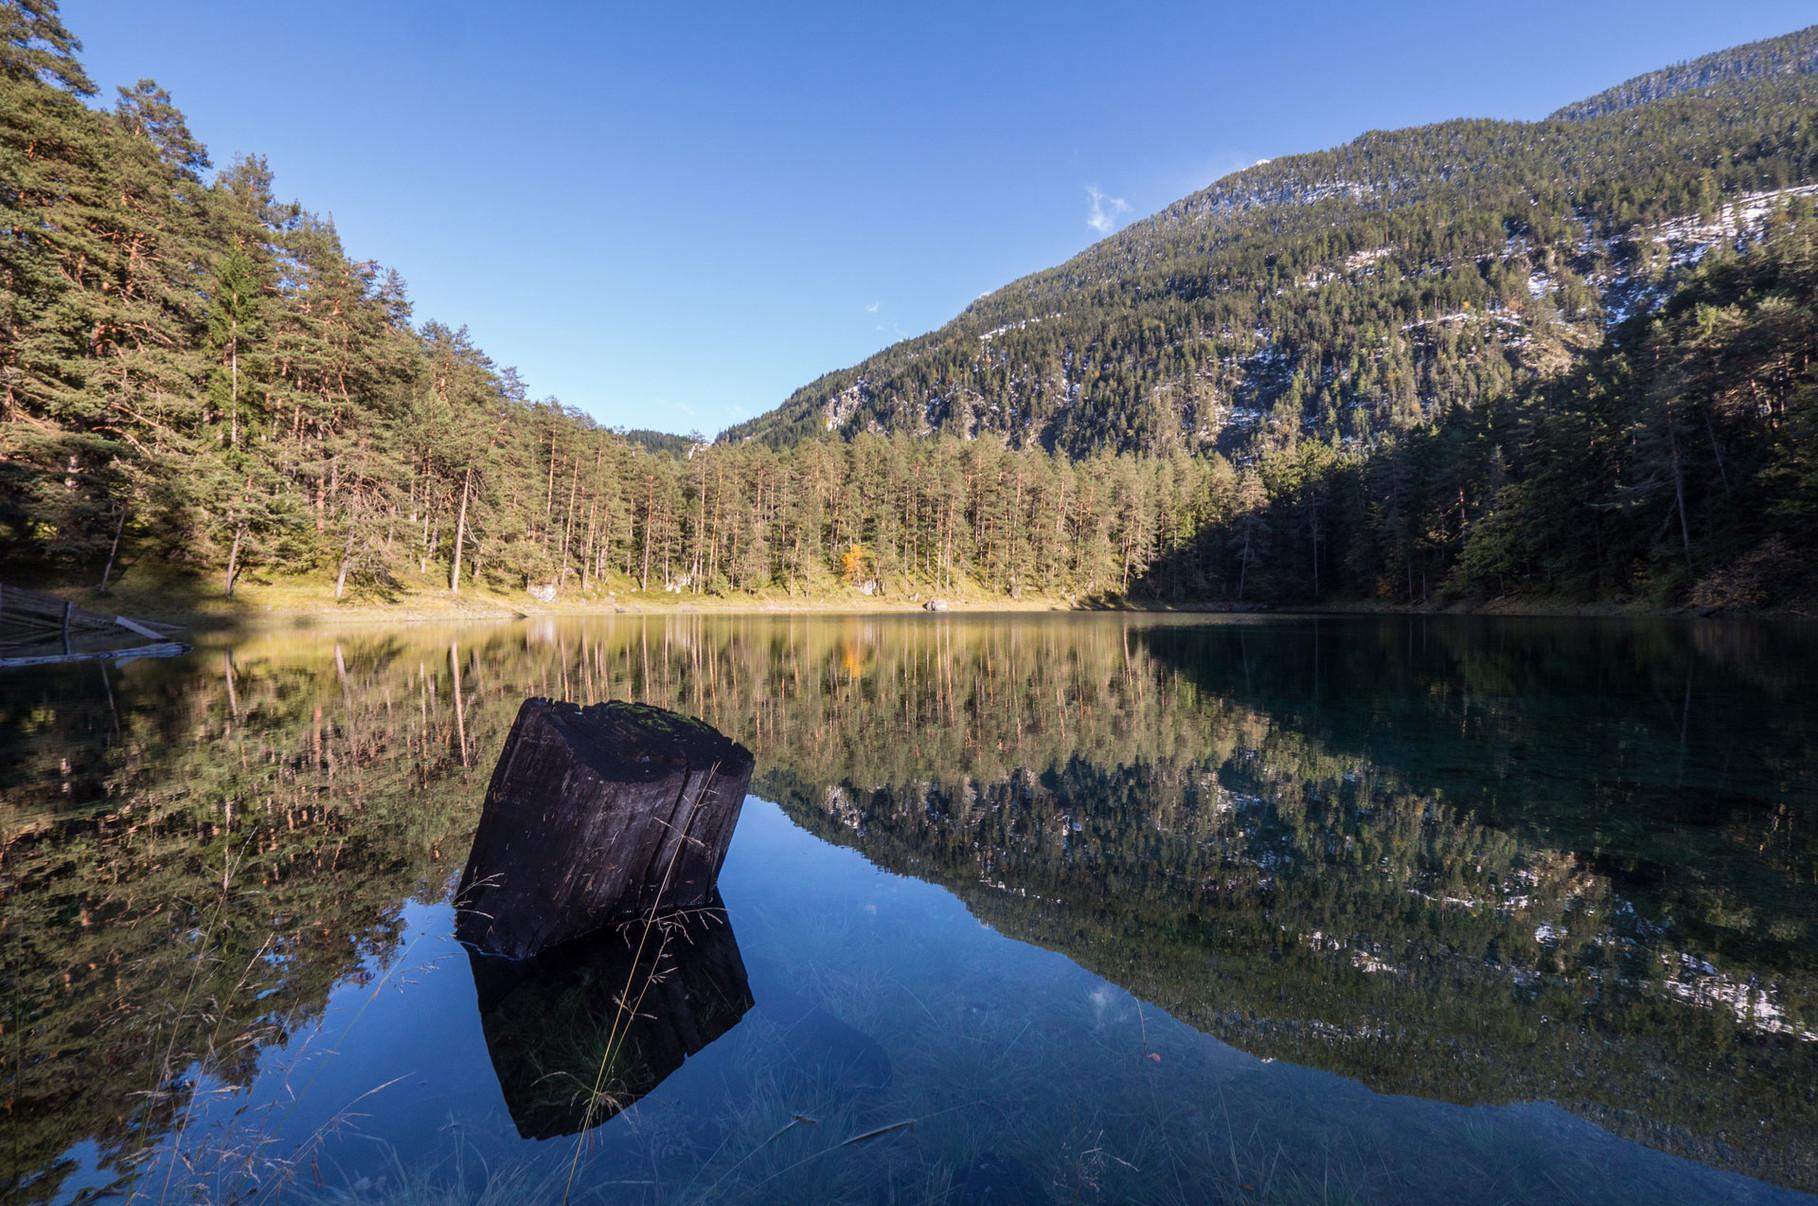 Samarangersee